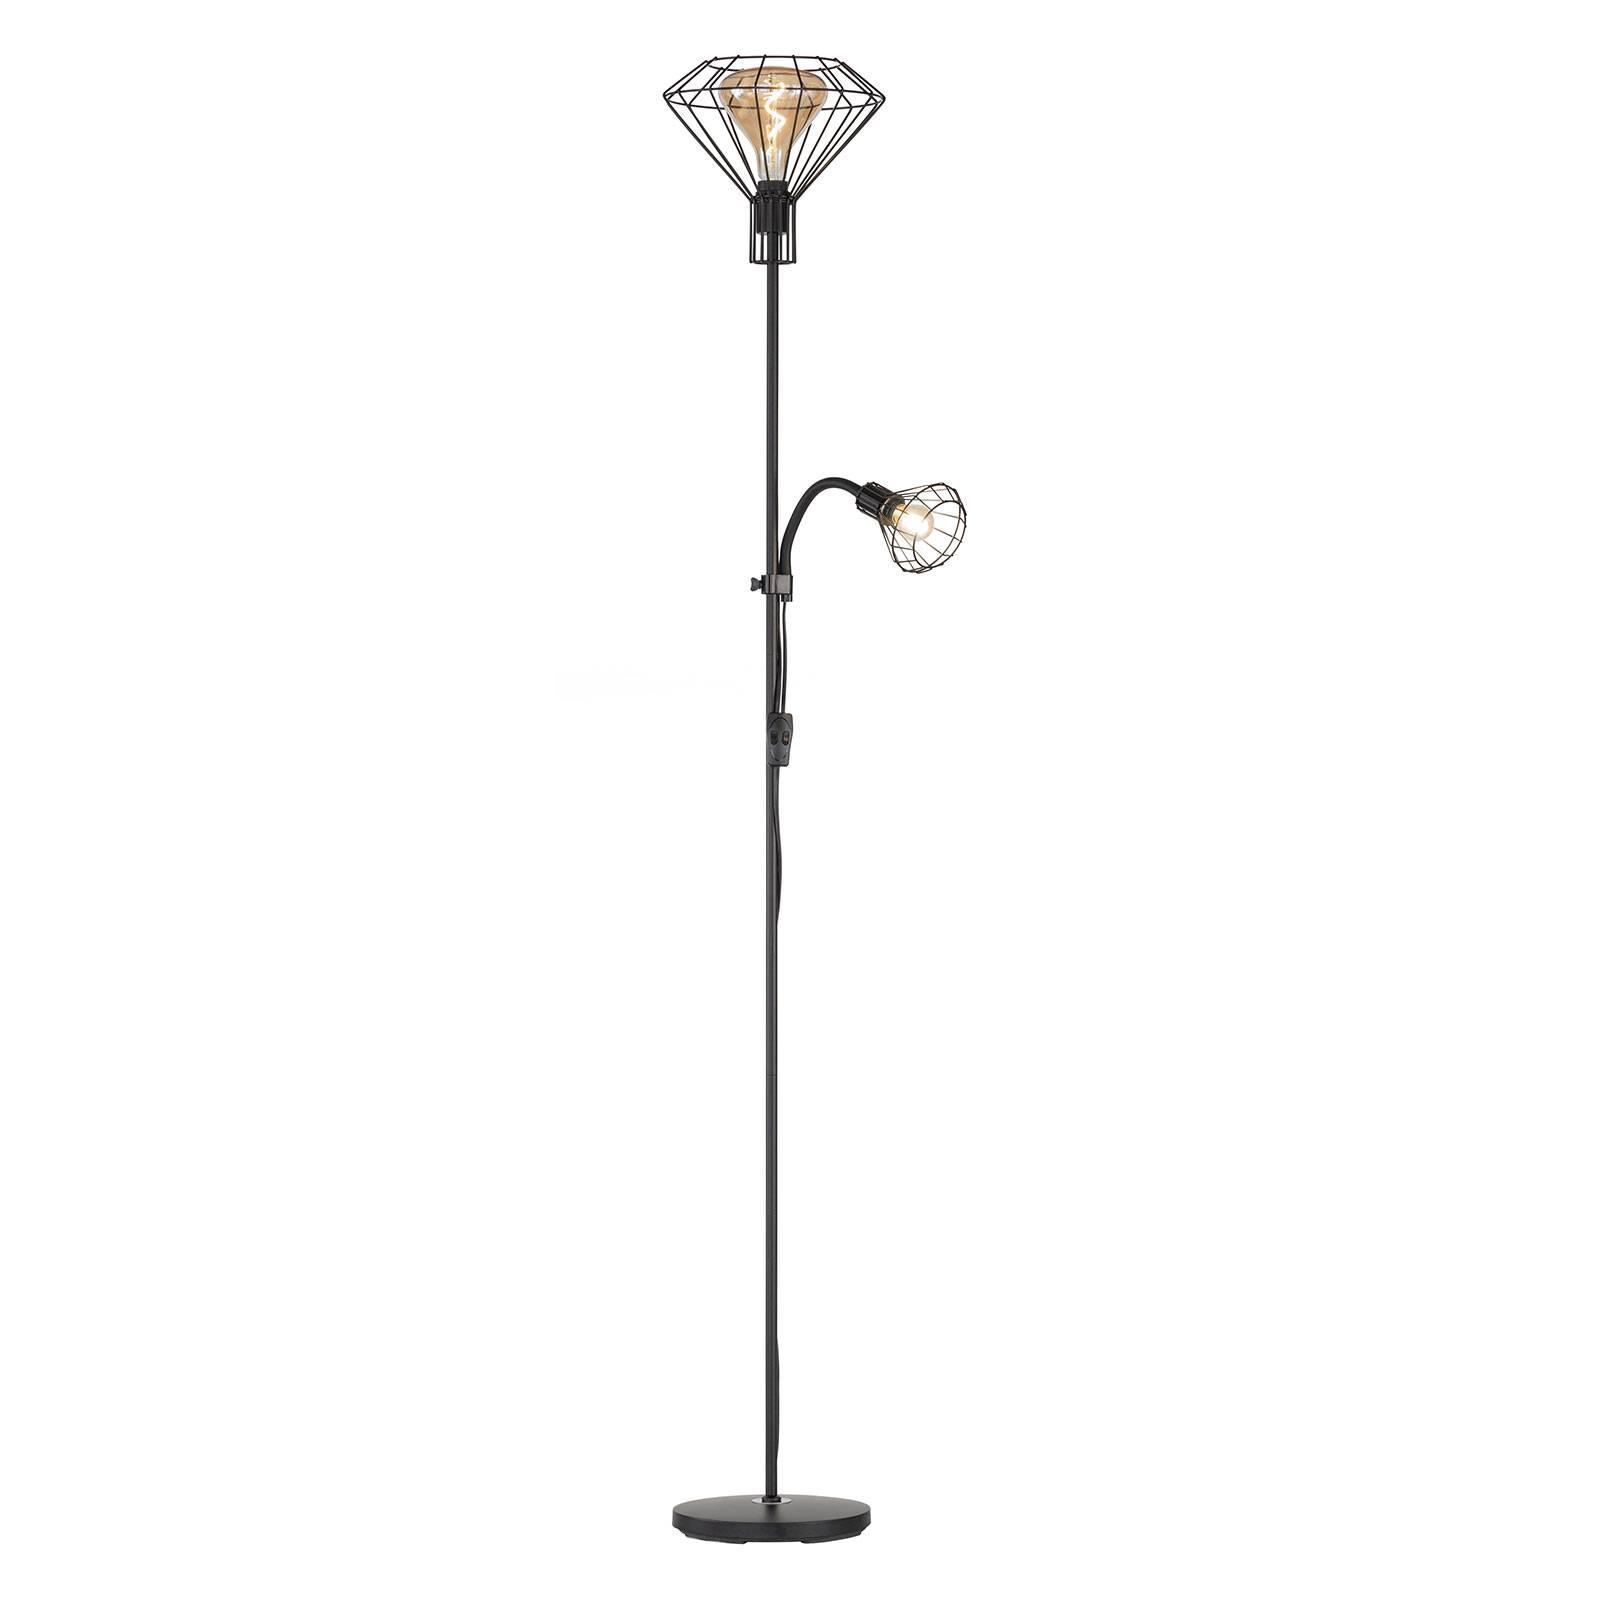 Vloerlamp Stev van metaal met leeslamp